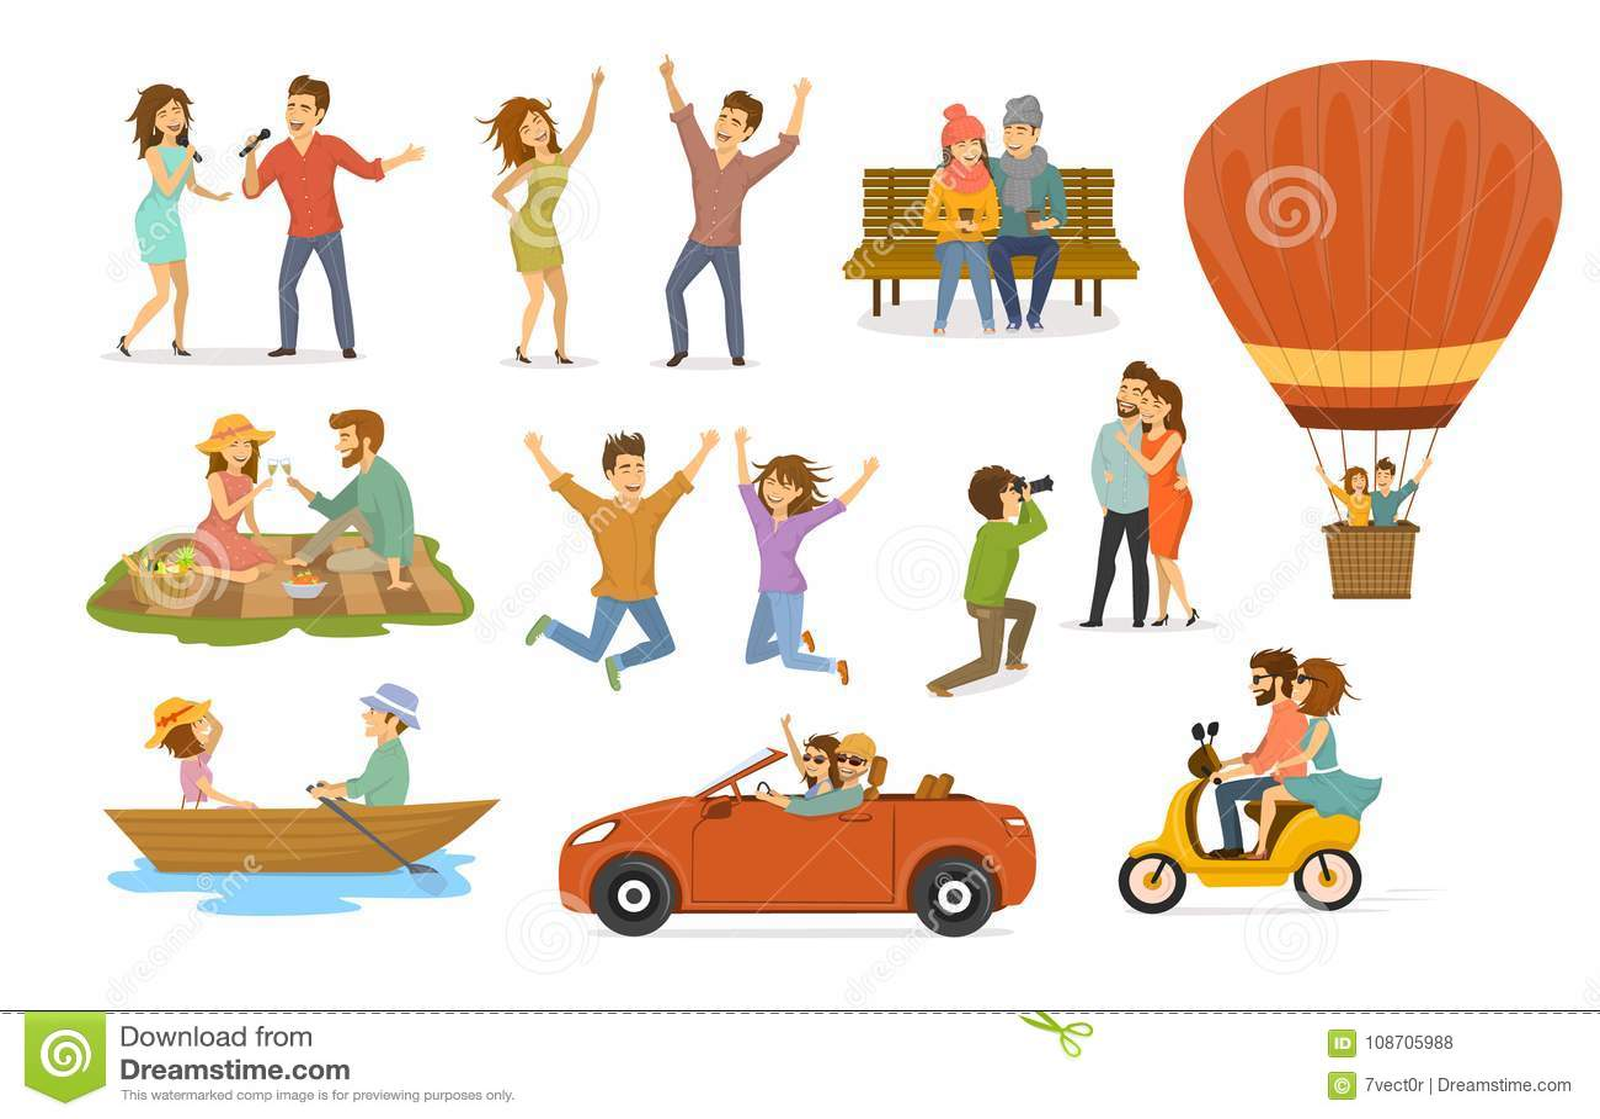 Samlingen av romantiska aktiviteter av förälskade par, diskoklubbadansen, allsångkaraokesånger som in sitter, parkerar på en bänk